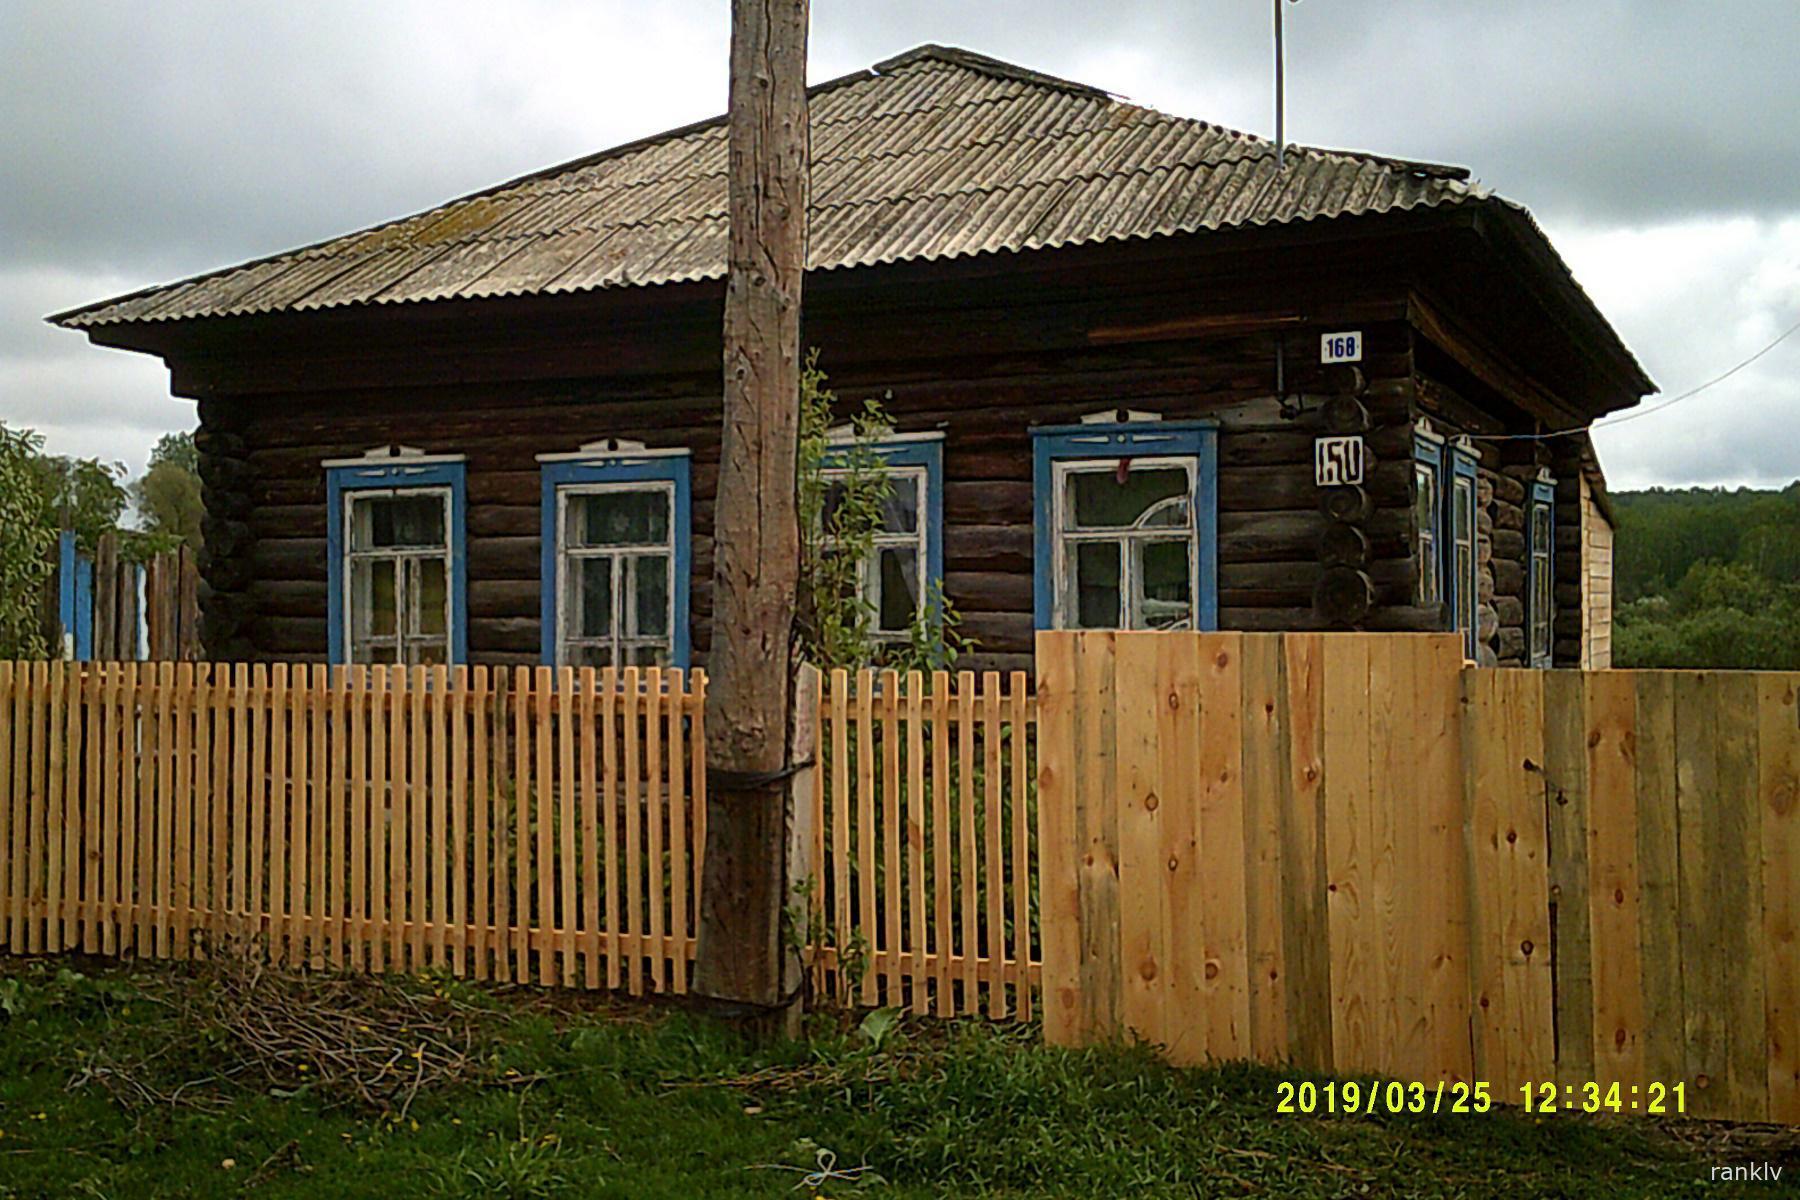 Дом на продажу по адресу Россия, Новосибирск и Новосибирская область, Вьюны, Колыванский район, деревня Вьюны, ул. Набережная.